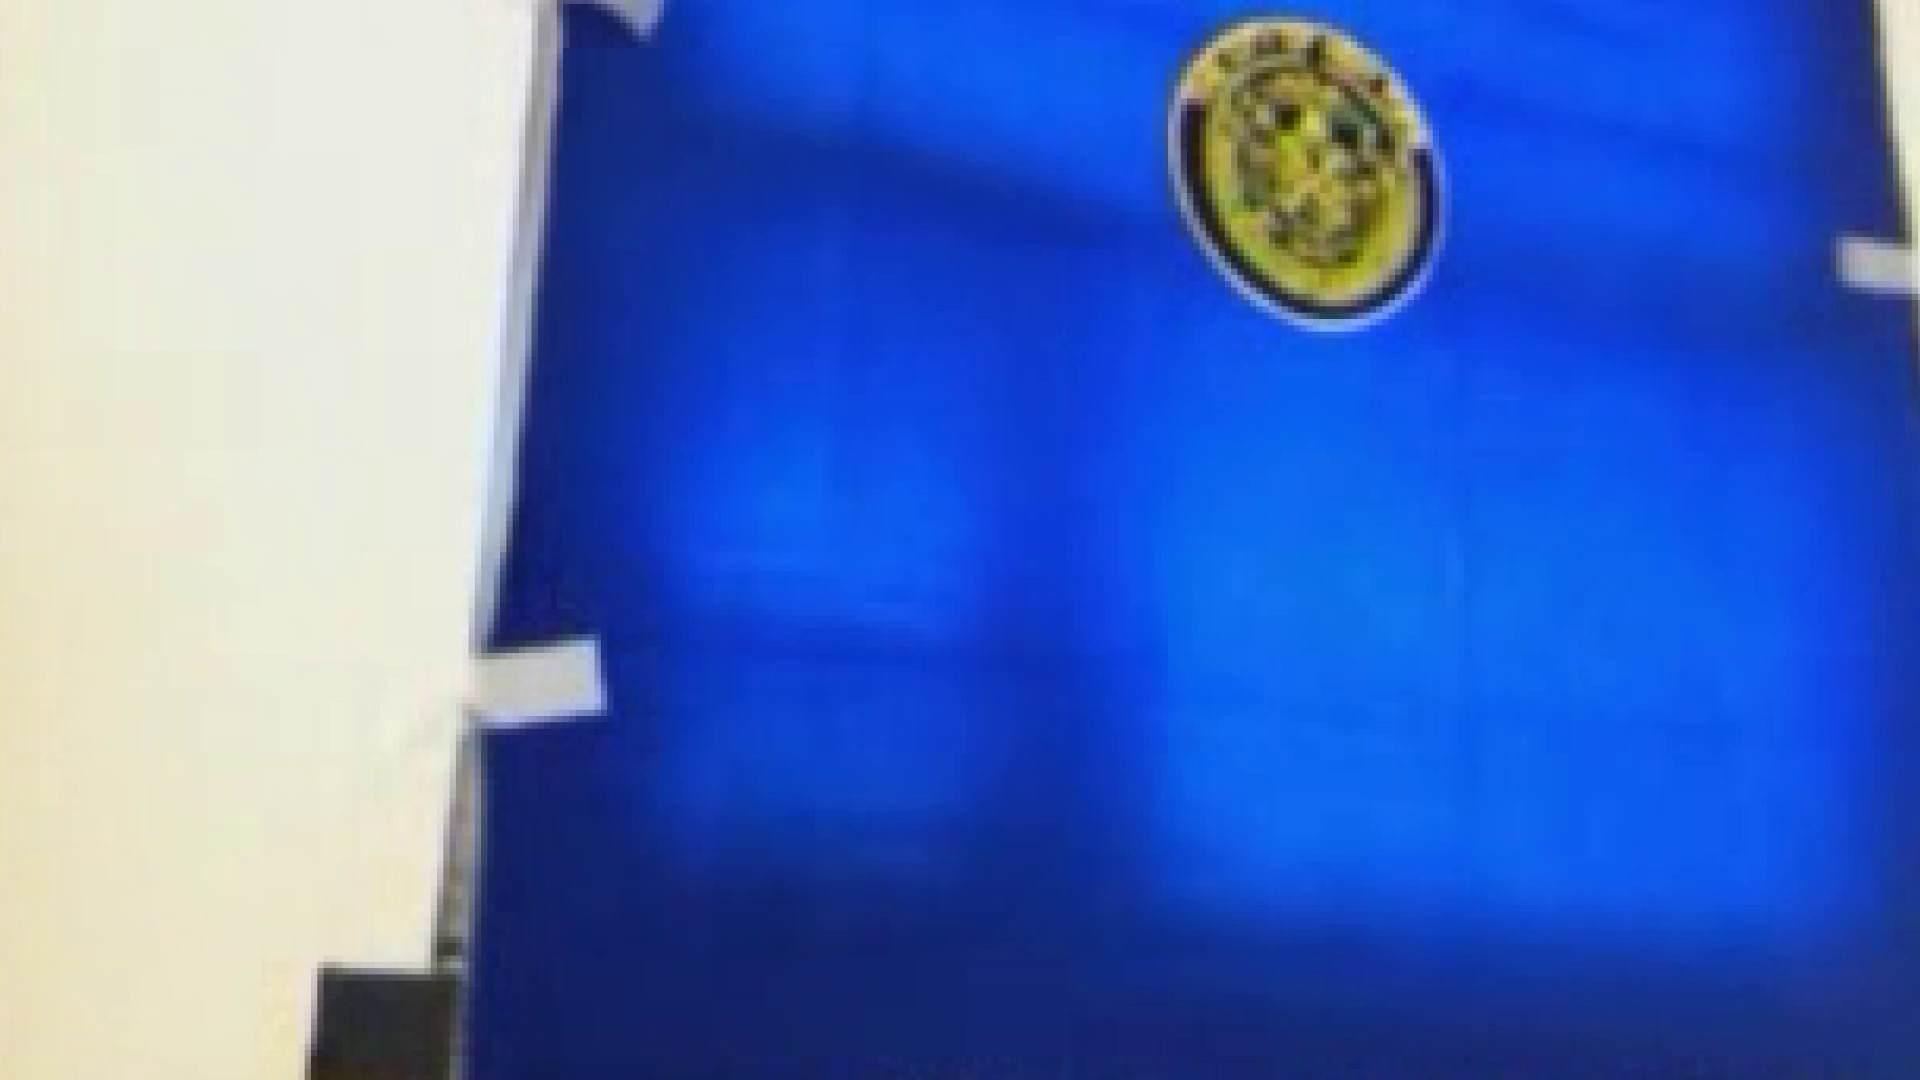 巨根 オナニー塾Vol.26 前編 無修正 | オナニー エロビデオ紹介 96pic 29